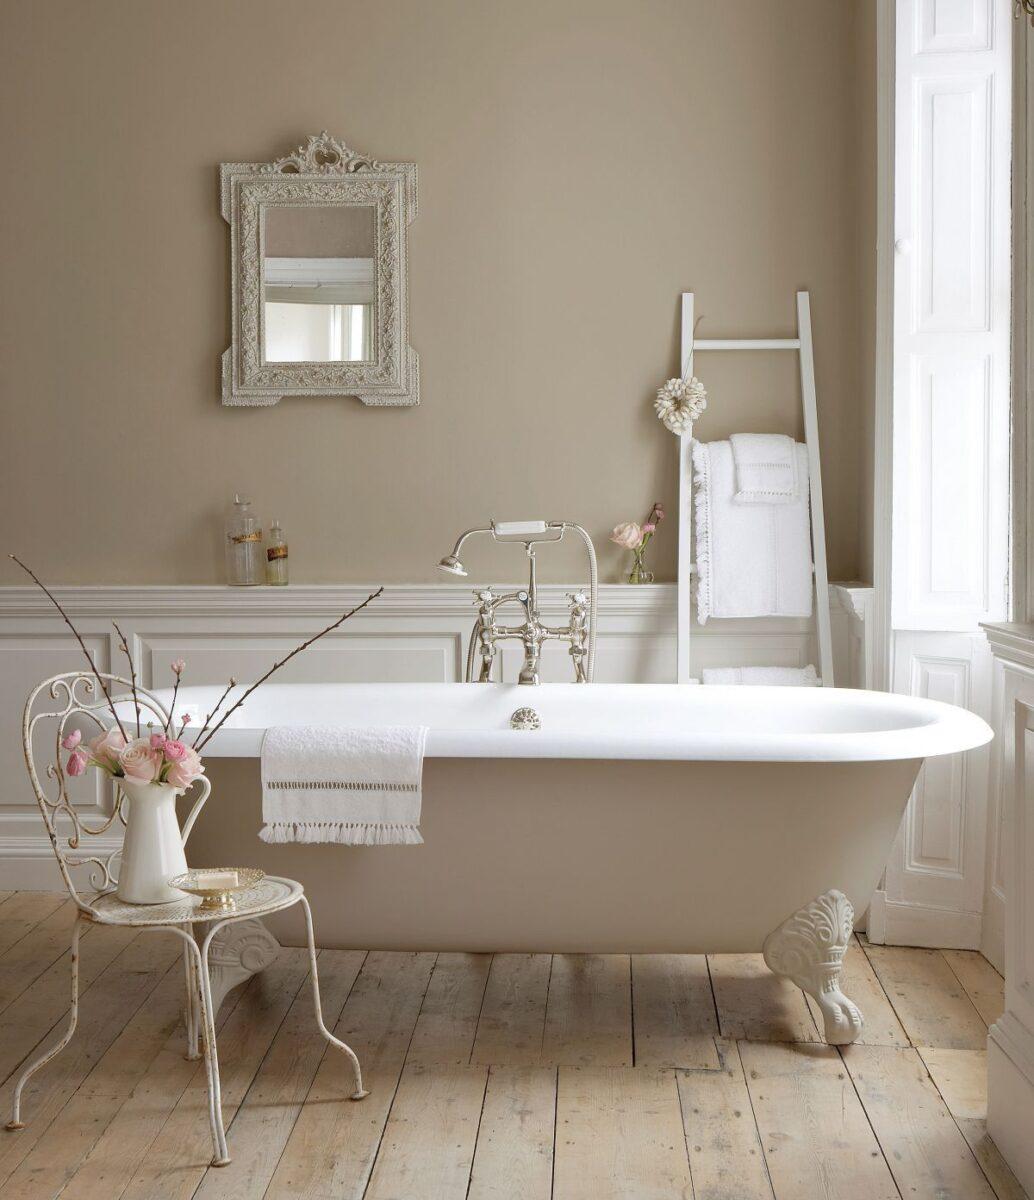 vasca-bagno-stile-shabby-chic-rosa-cipria